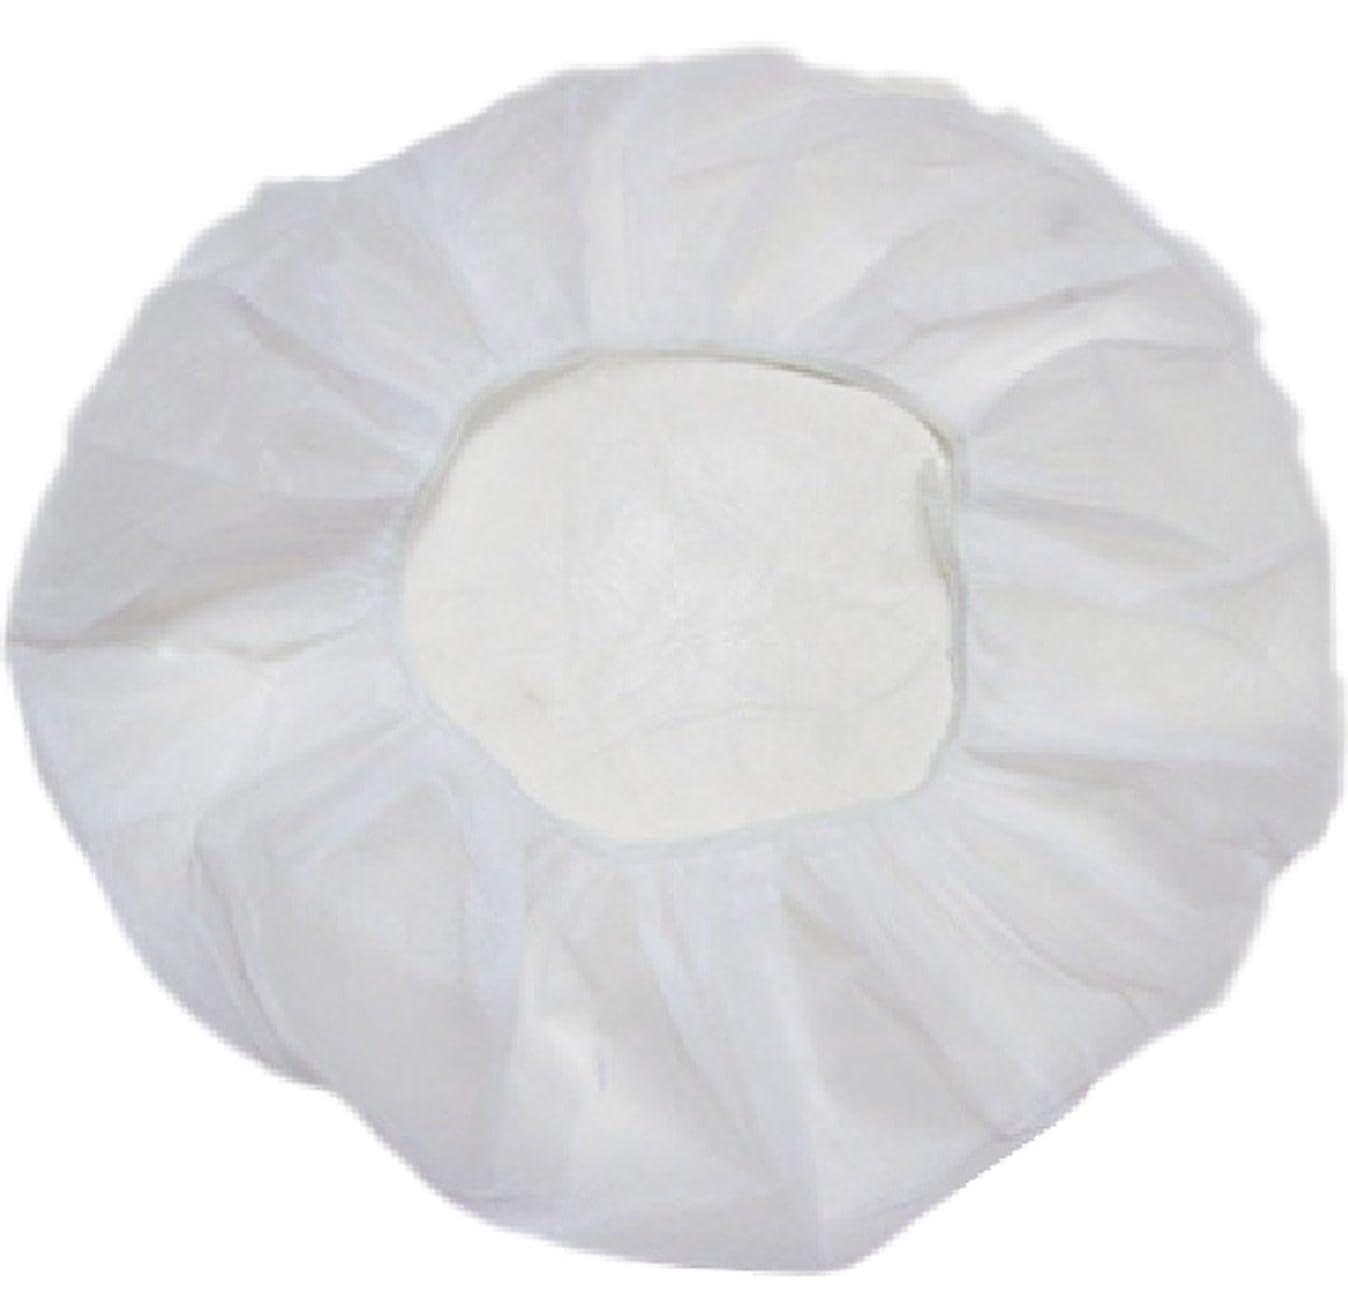 拡声器貫通ラッシュ業務用 不織布 ヘアキャップ 使い捨て 衛生 食品 加工 工場 大きめ (100個, 白)